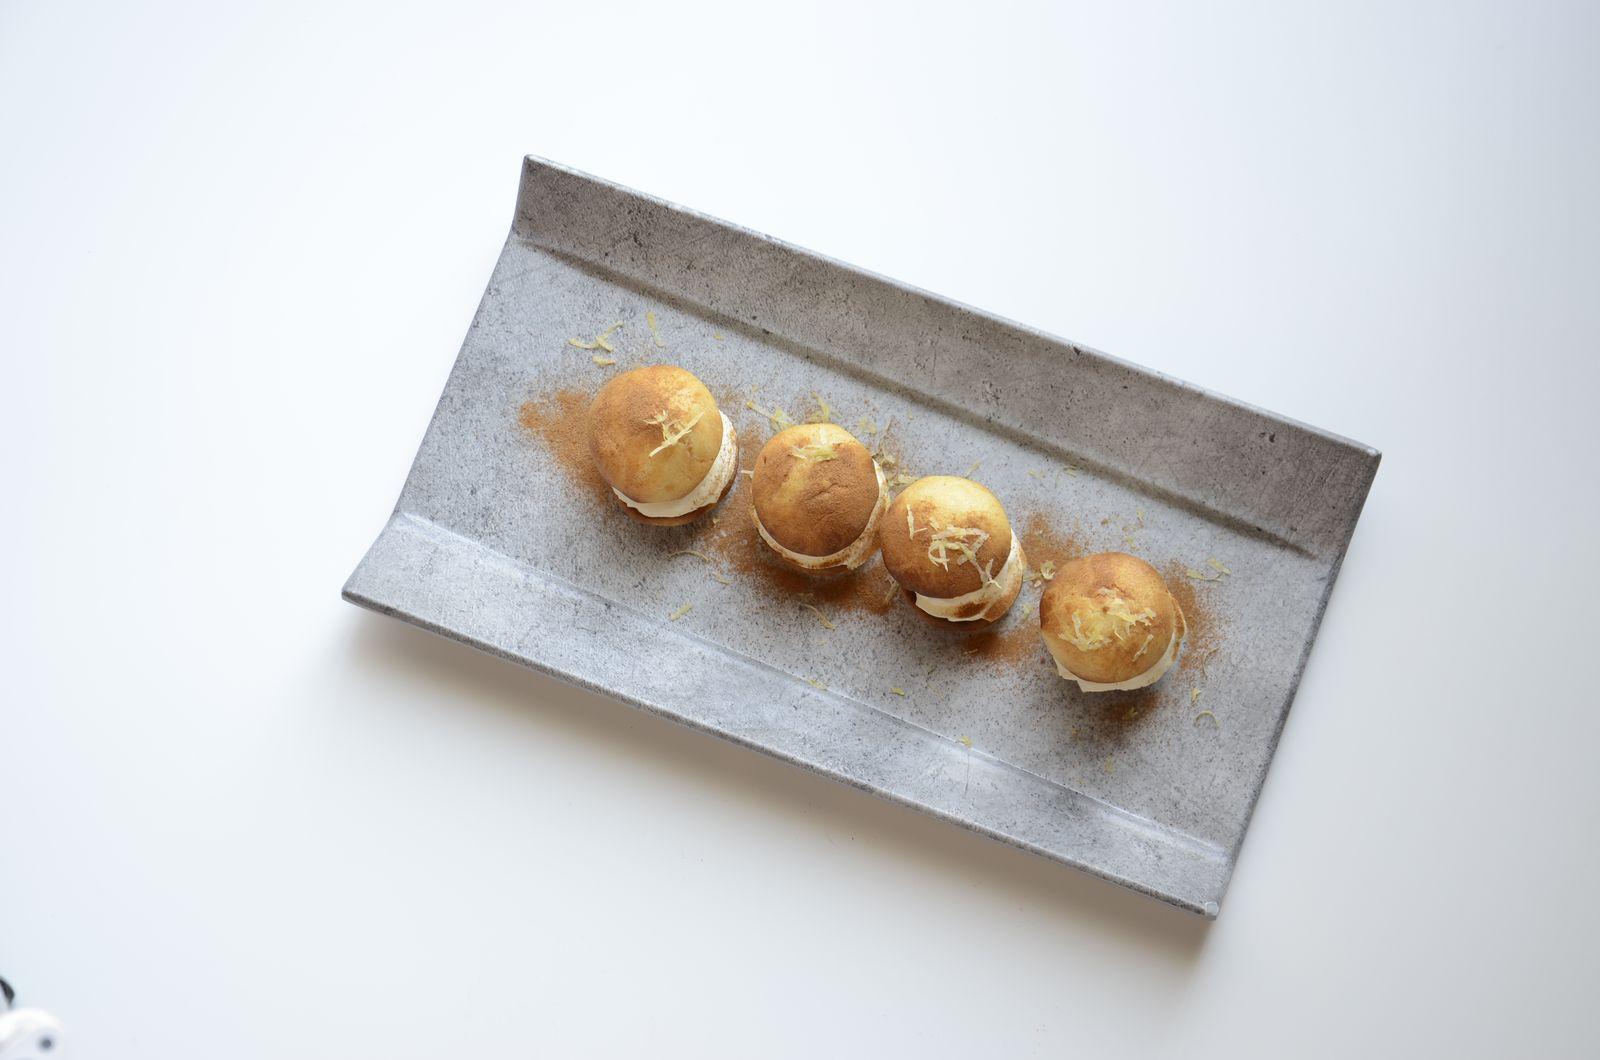 Mychef plat mychef Así es el horno profesional combinado Mychef Bake, creado para pastelerías, panaderías y obradores  Mychef   plat mychef